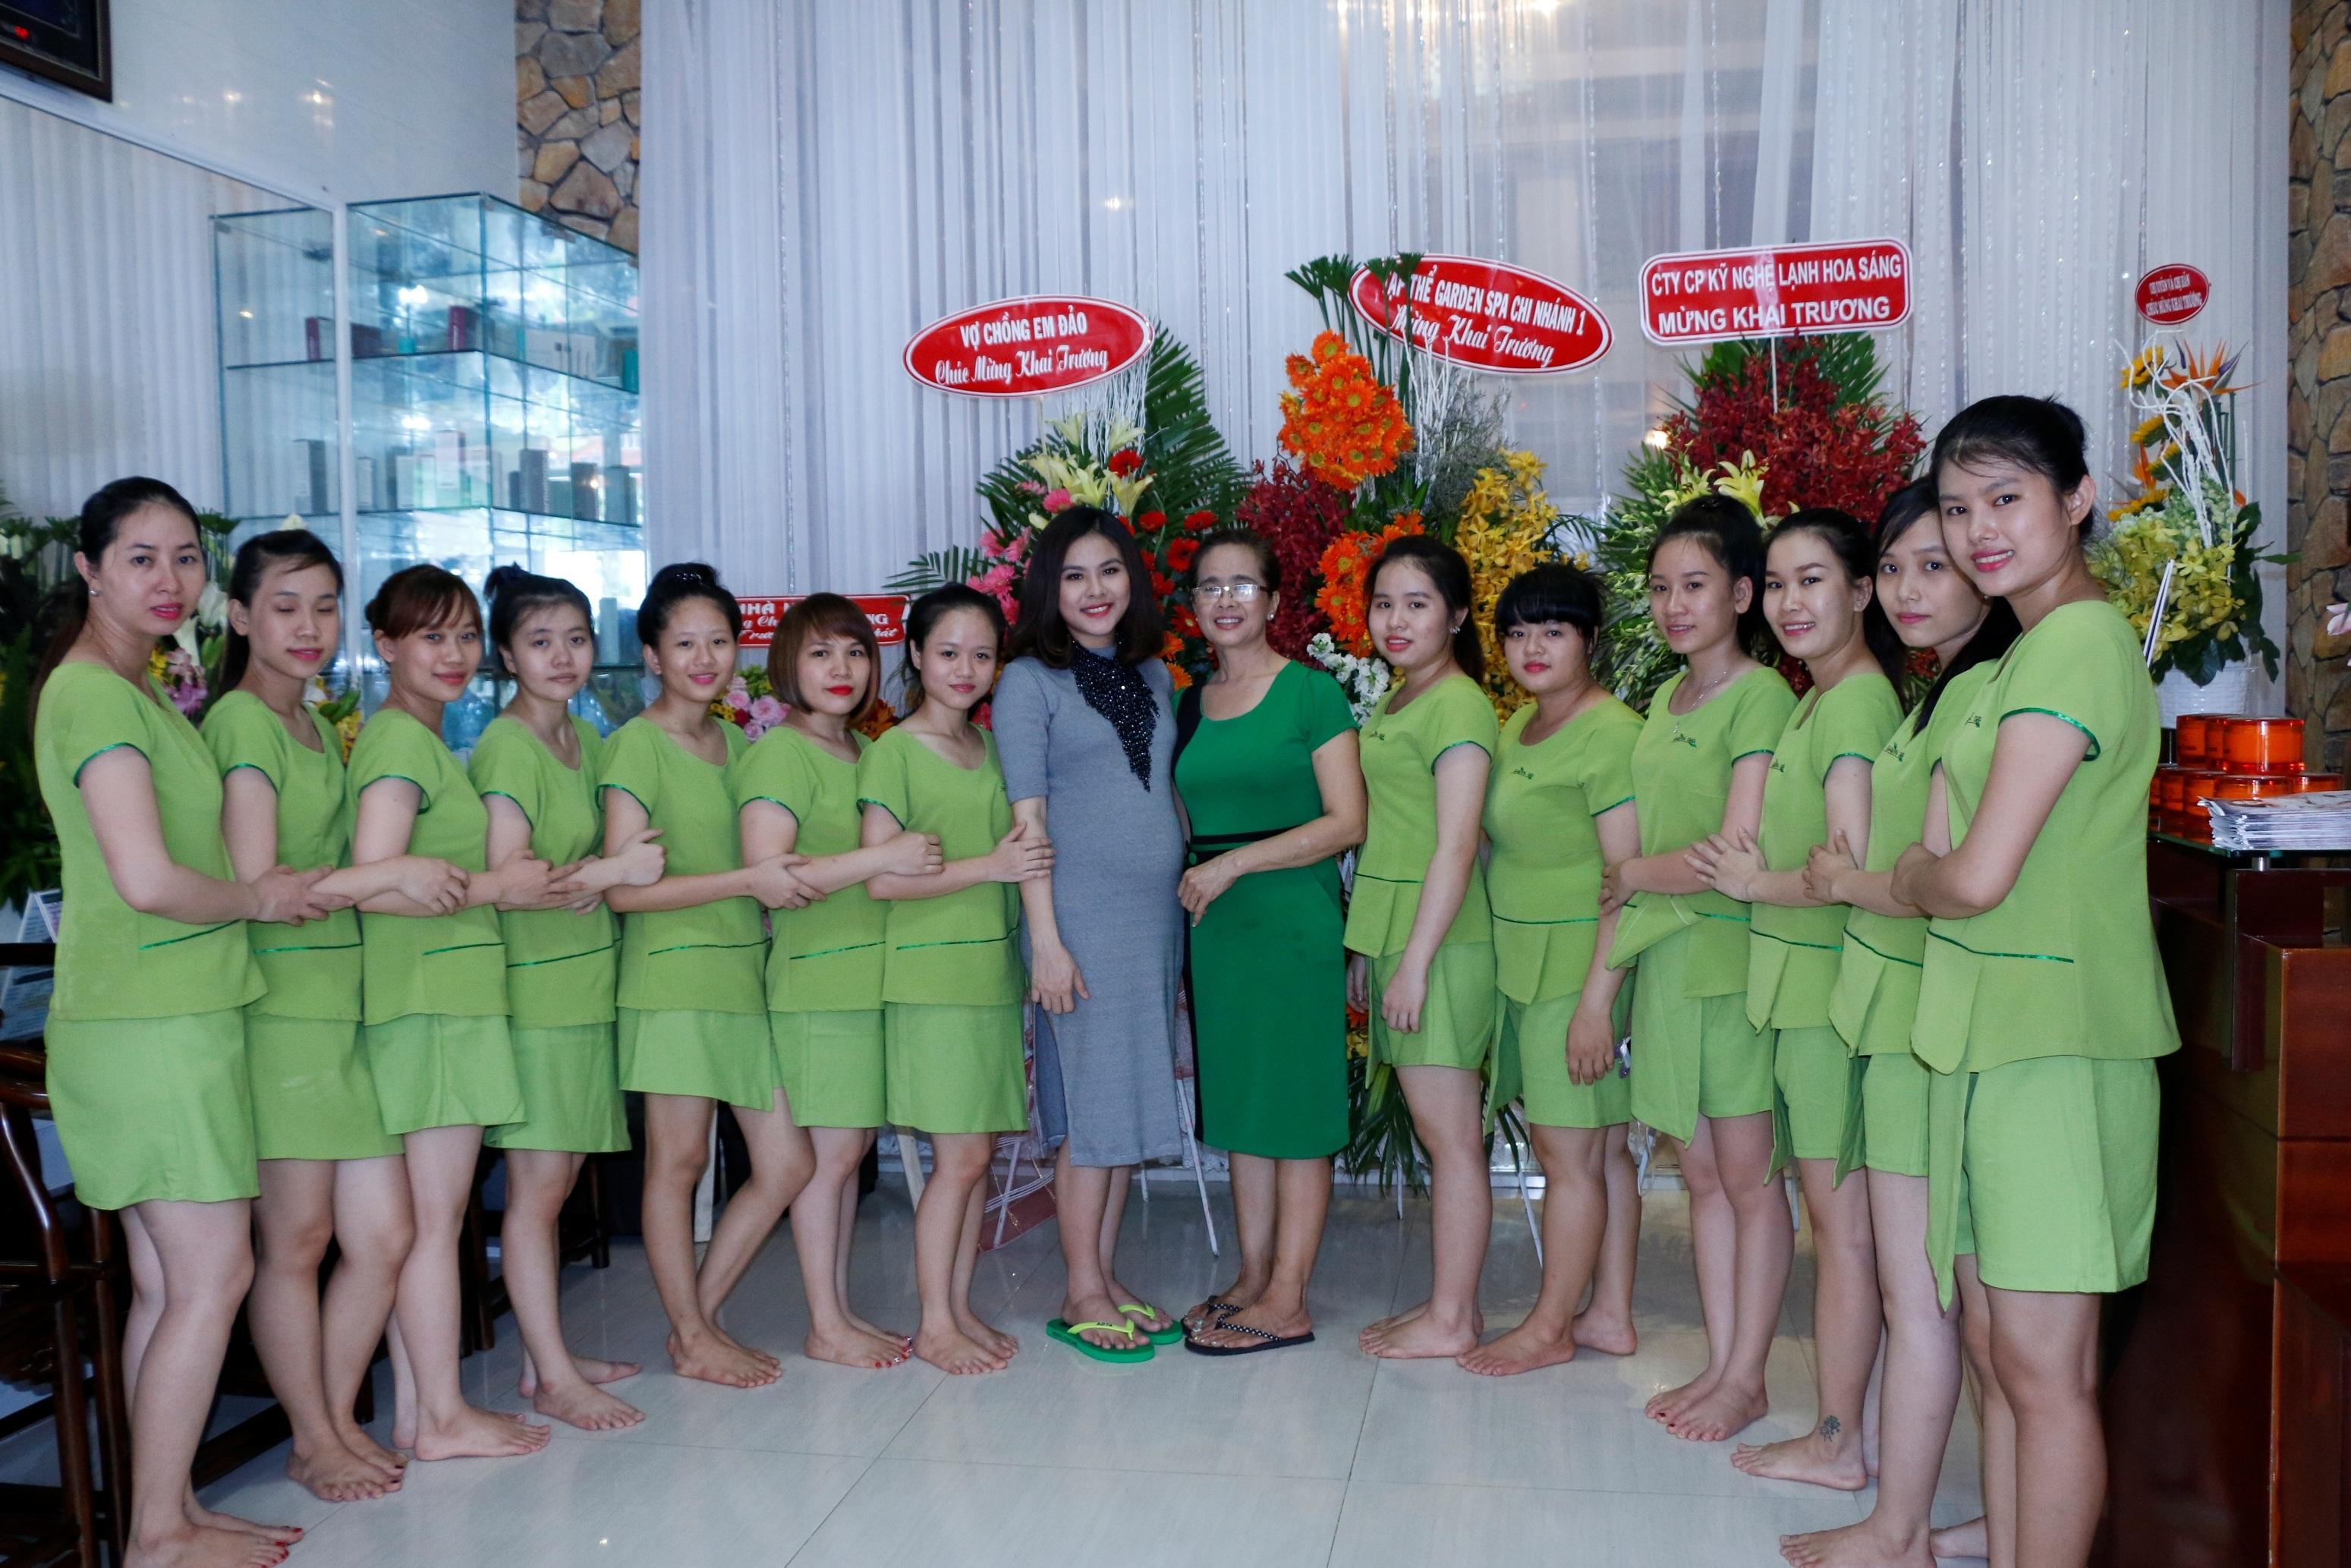 Hiện tại mặc dù đã là tháng thứ 5 của thai kỳ nhưng Vân Trang vẫn luôn vận động và làm việc liên tục để phát triển việc kinh doanh của mình.